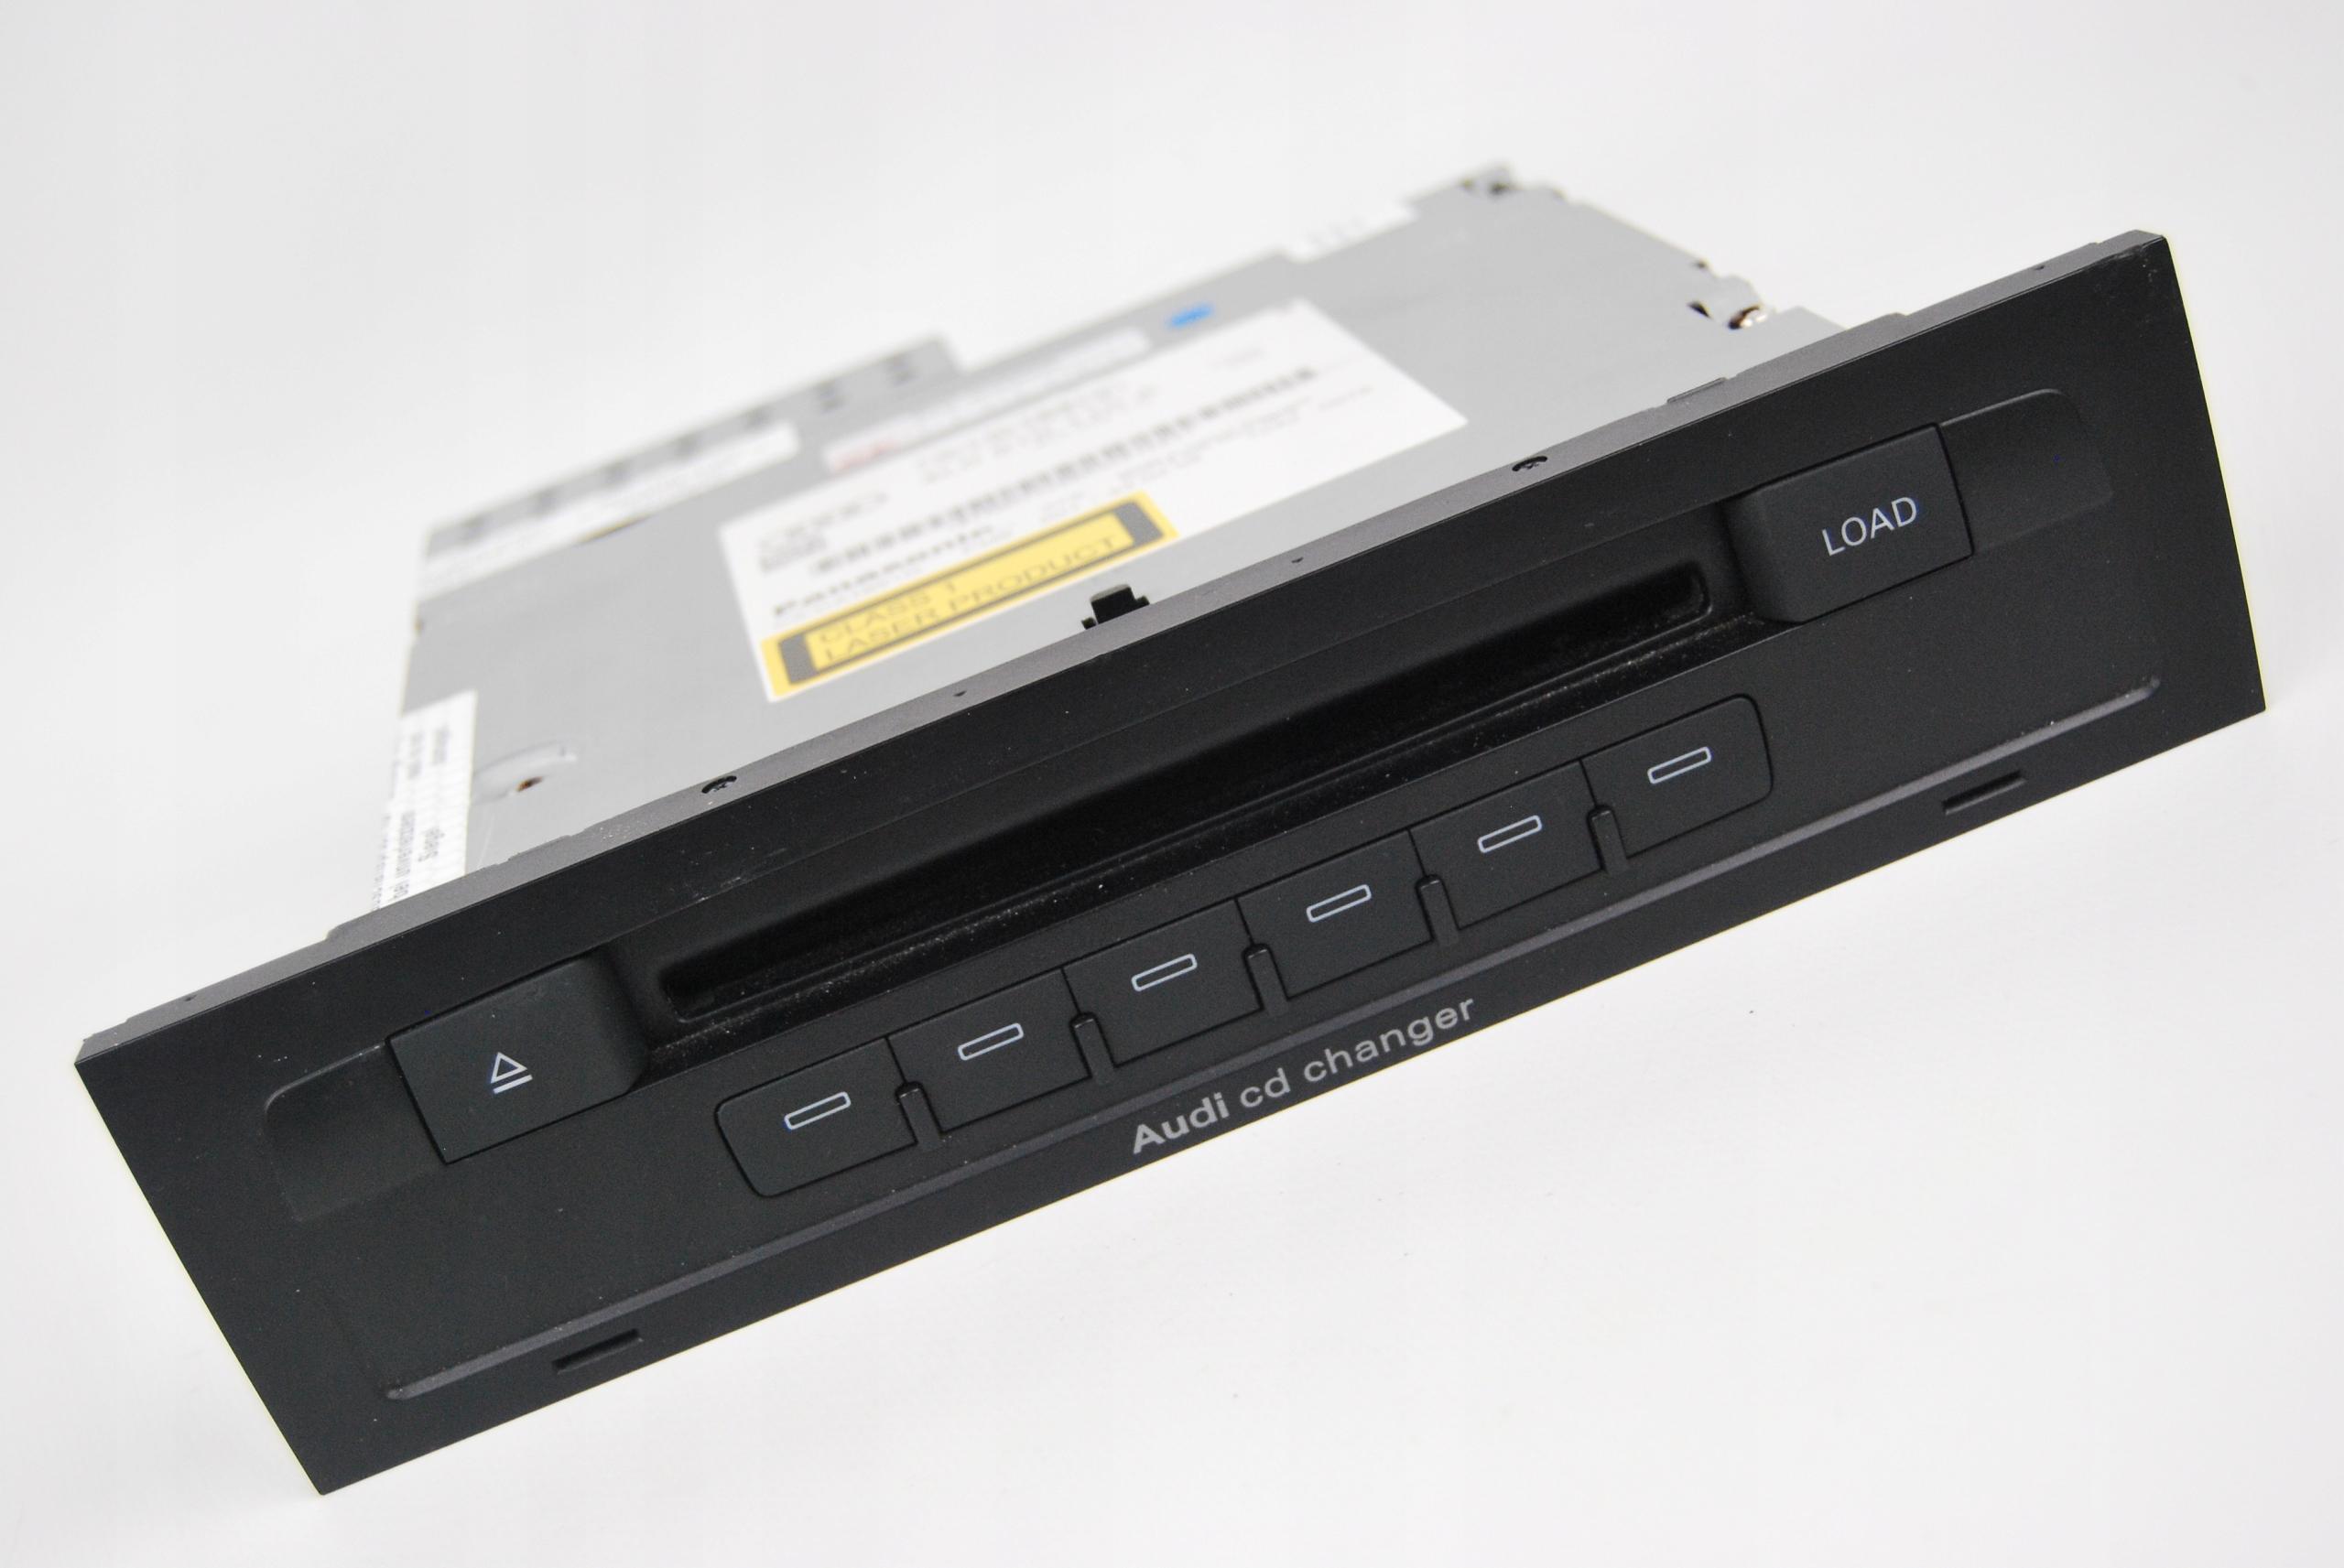 CD-чейнджера Audi Q7 4L0910110A